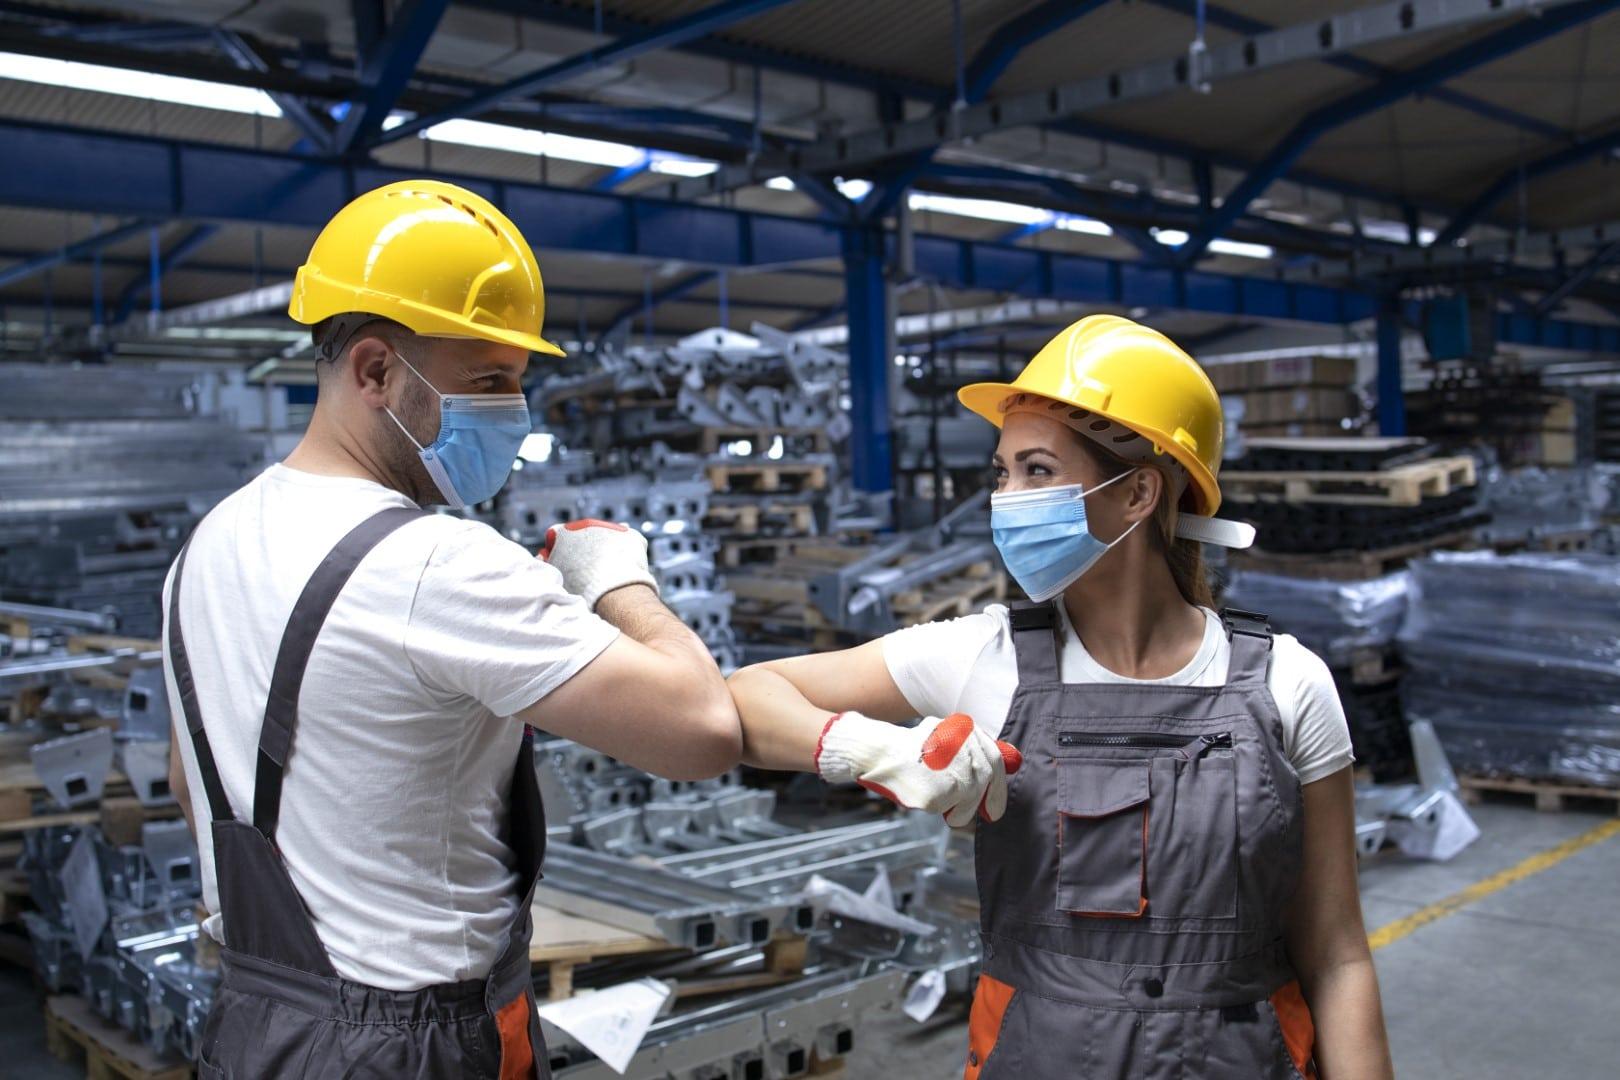 Toda la actualidad laboral: últimas noticias sobre empleo, el mercado empresarial, ofertas de empleo y trabajo en España.